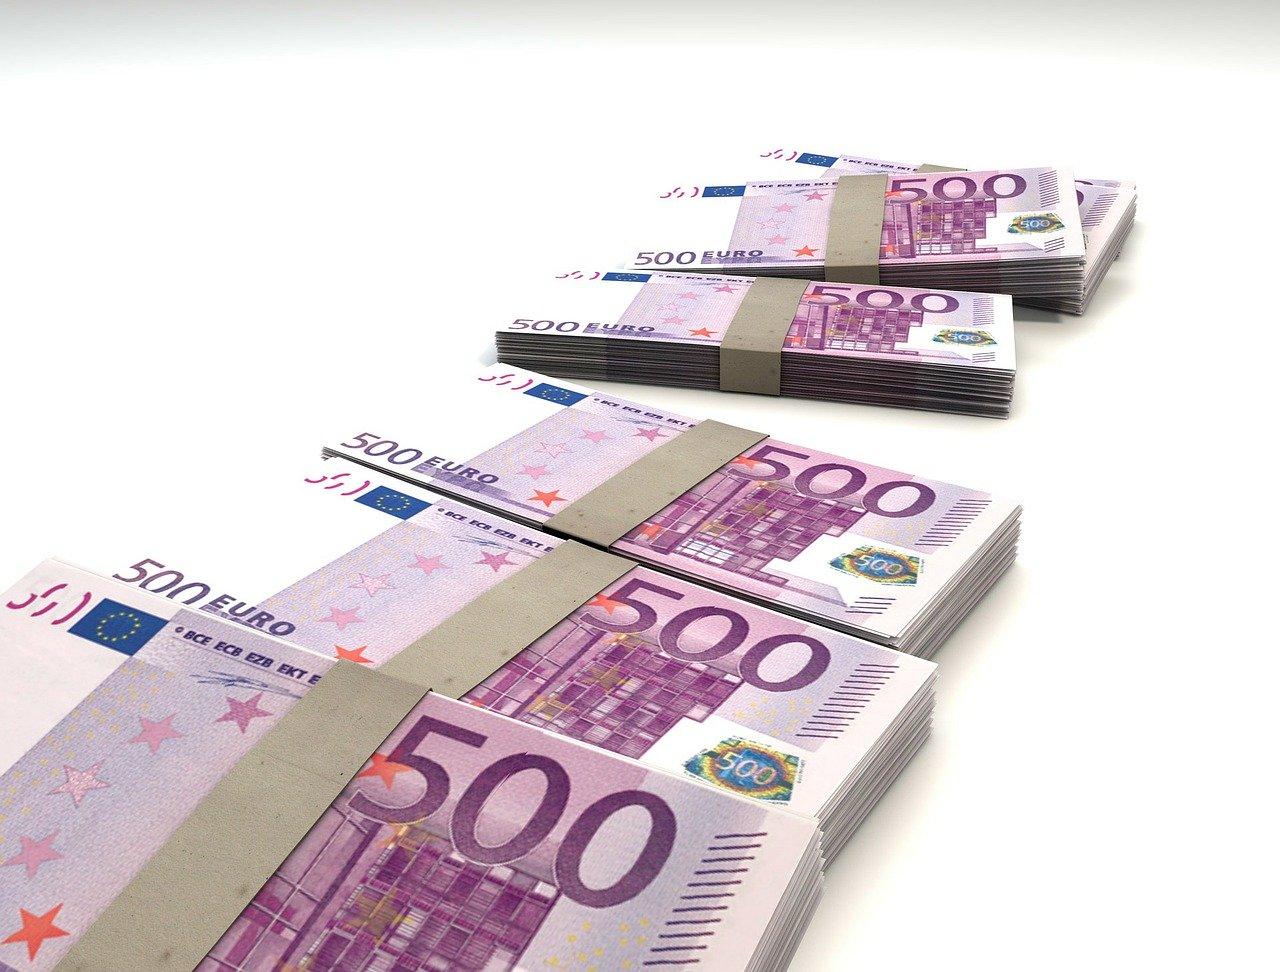 Bild von 500 Euro-Scheinen